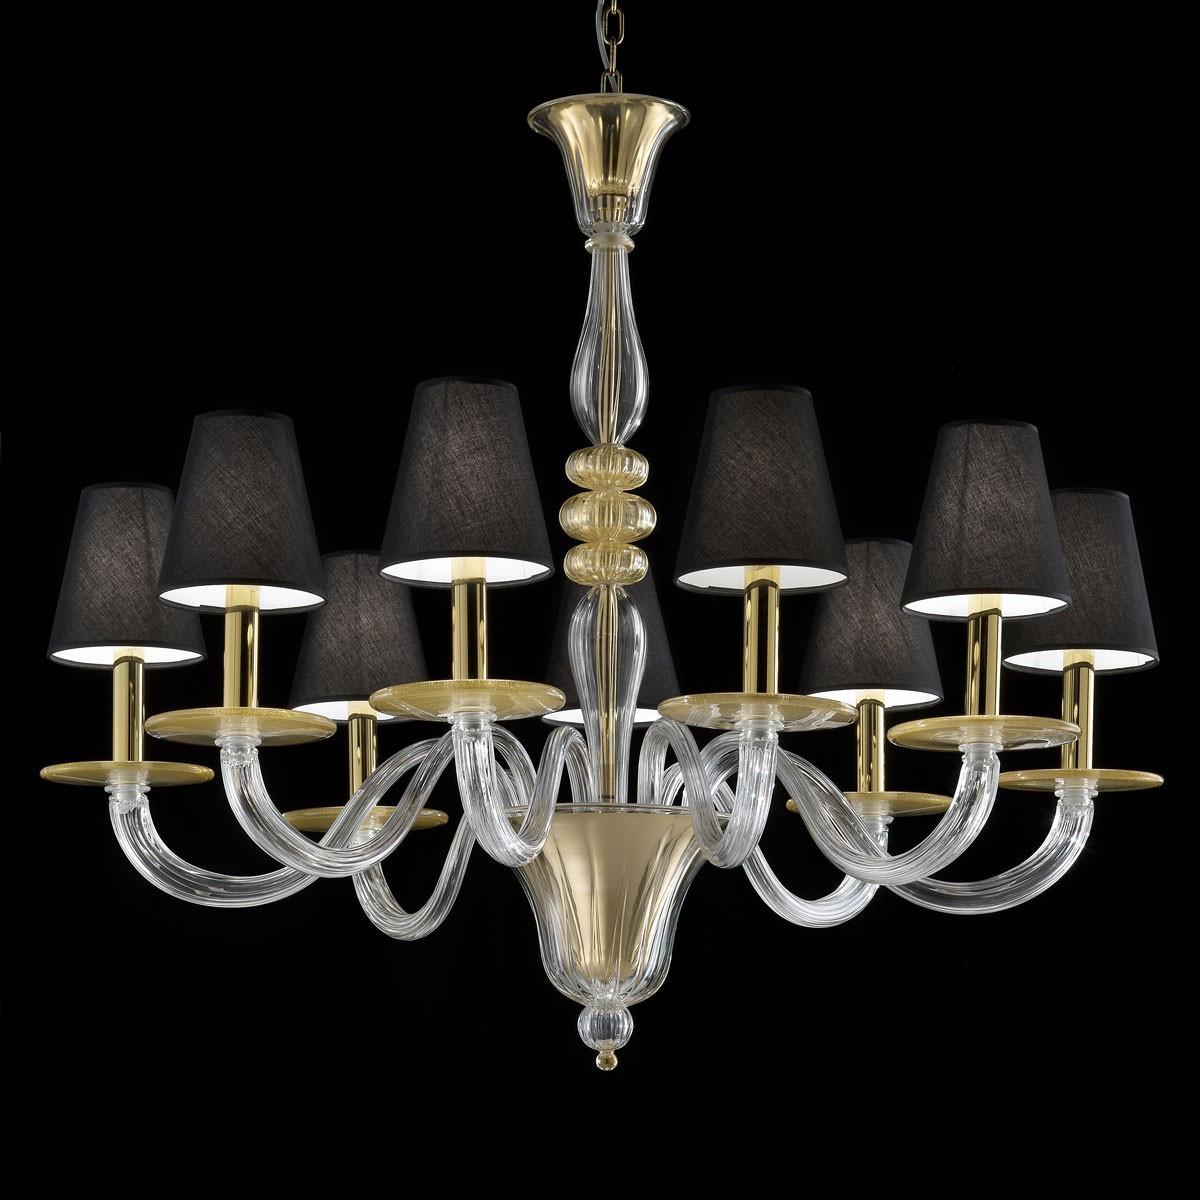 """""""Leda"""" lampara de cristal de Murano - 9 luces - transparente y oro"""